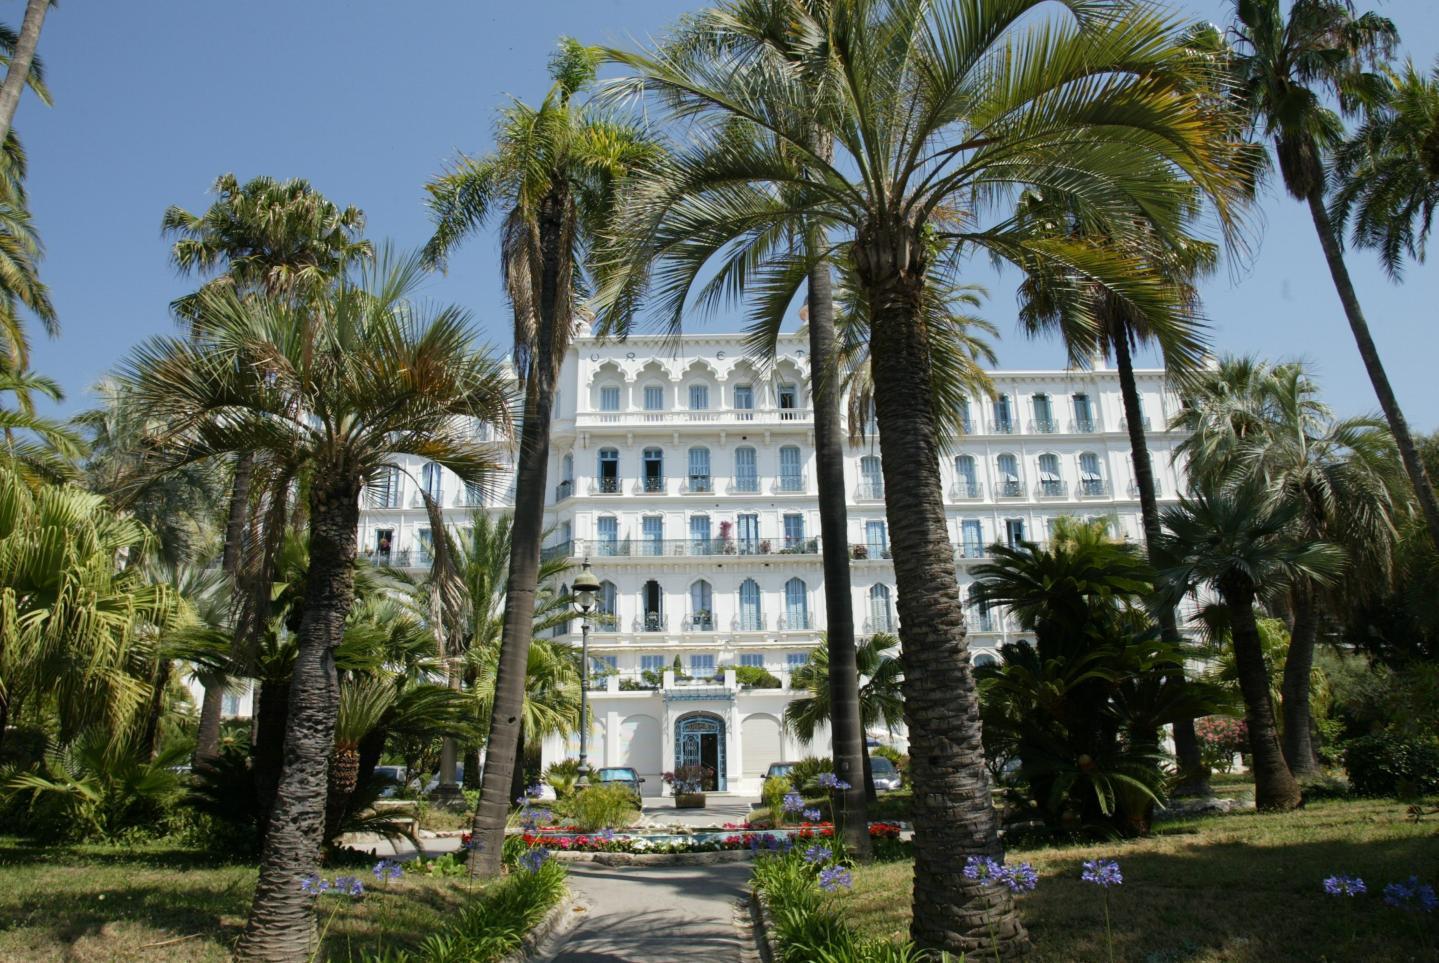 L'Orient Palace, d'inspiration orientaliste issue de l'Inde des maharajahs.